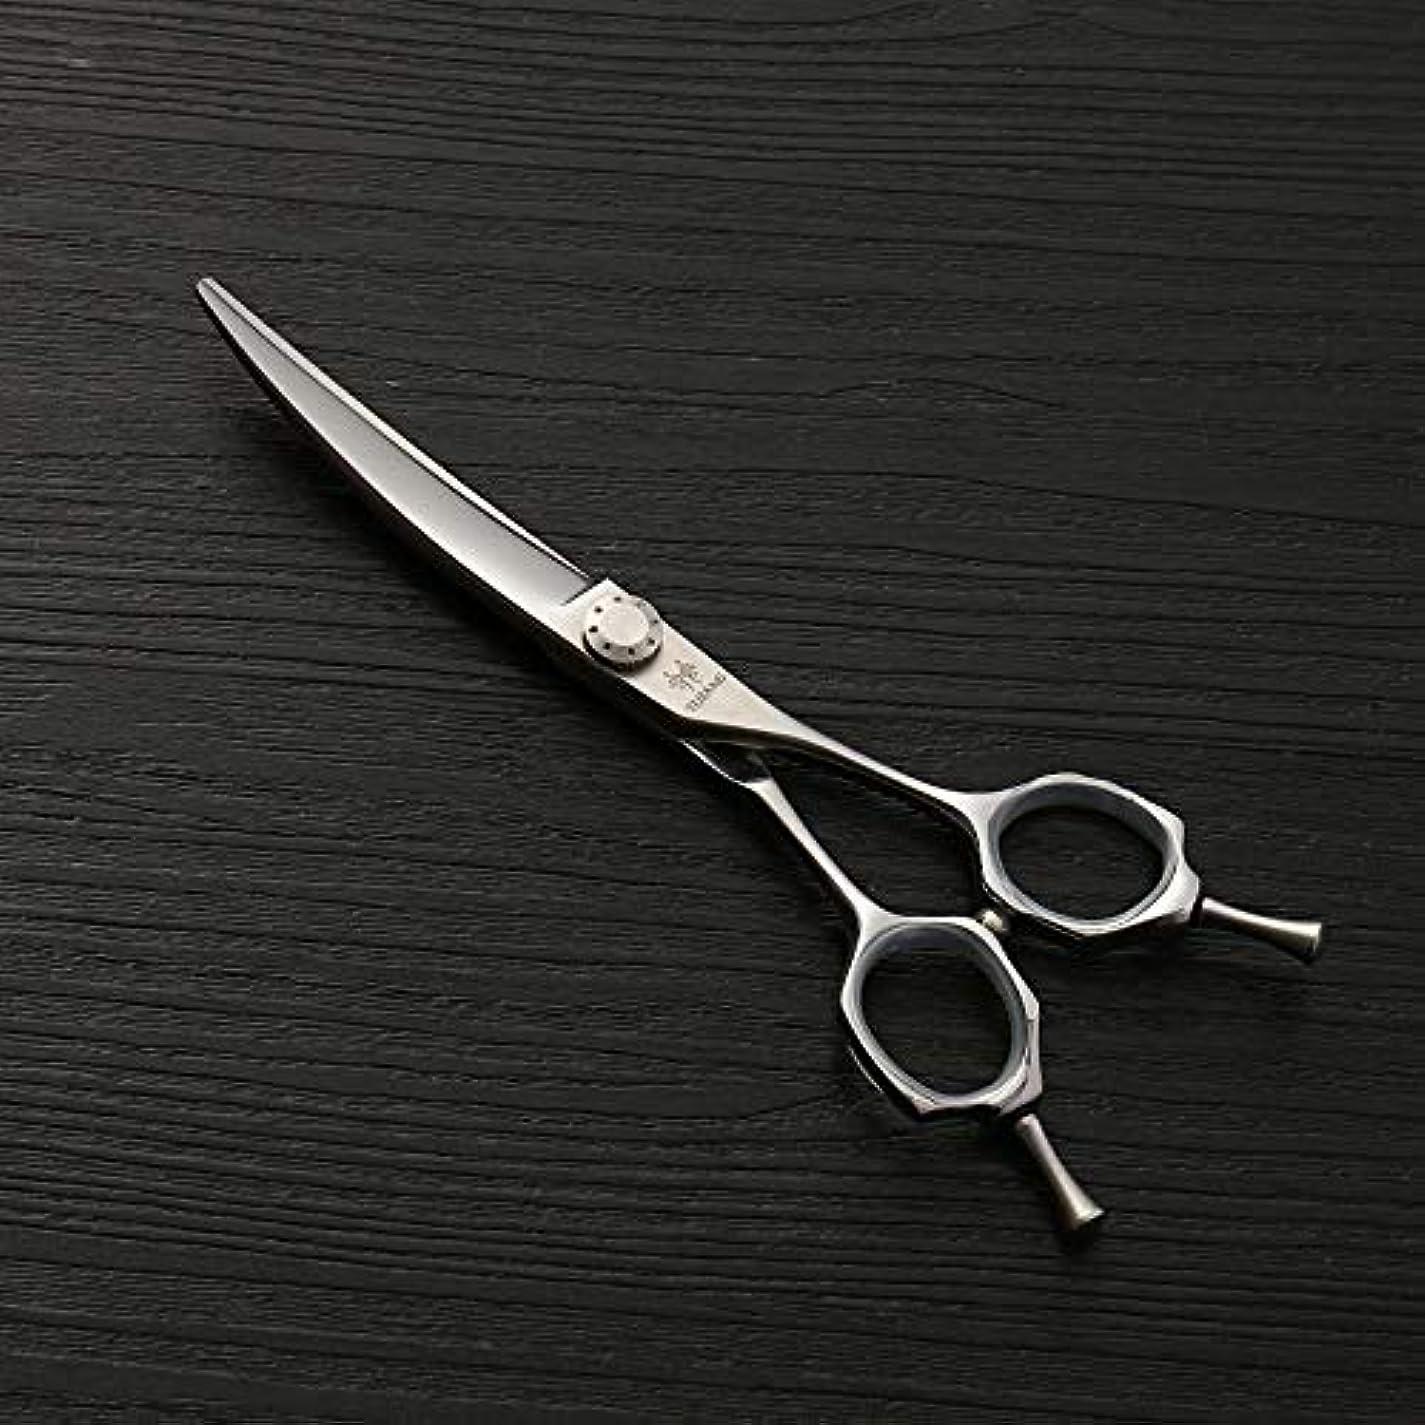 鉄道駅満員ウルル440Cステンレス鋼理髪はさみ、6.0ファッション散髪はさみ、ヘアスタイリストの動向 ヘアケア (色 : Silver)